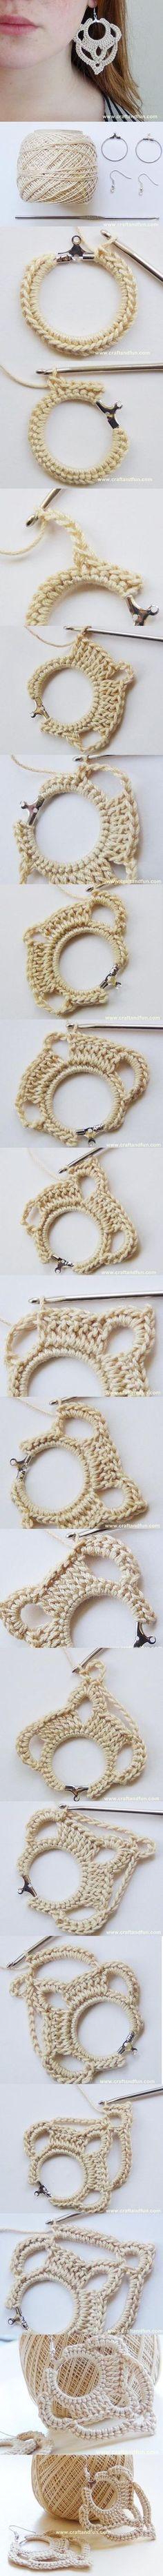 Idée boucle d'oreilles au crochet